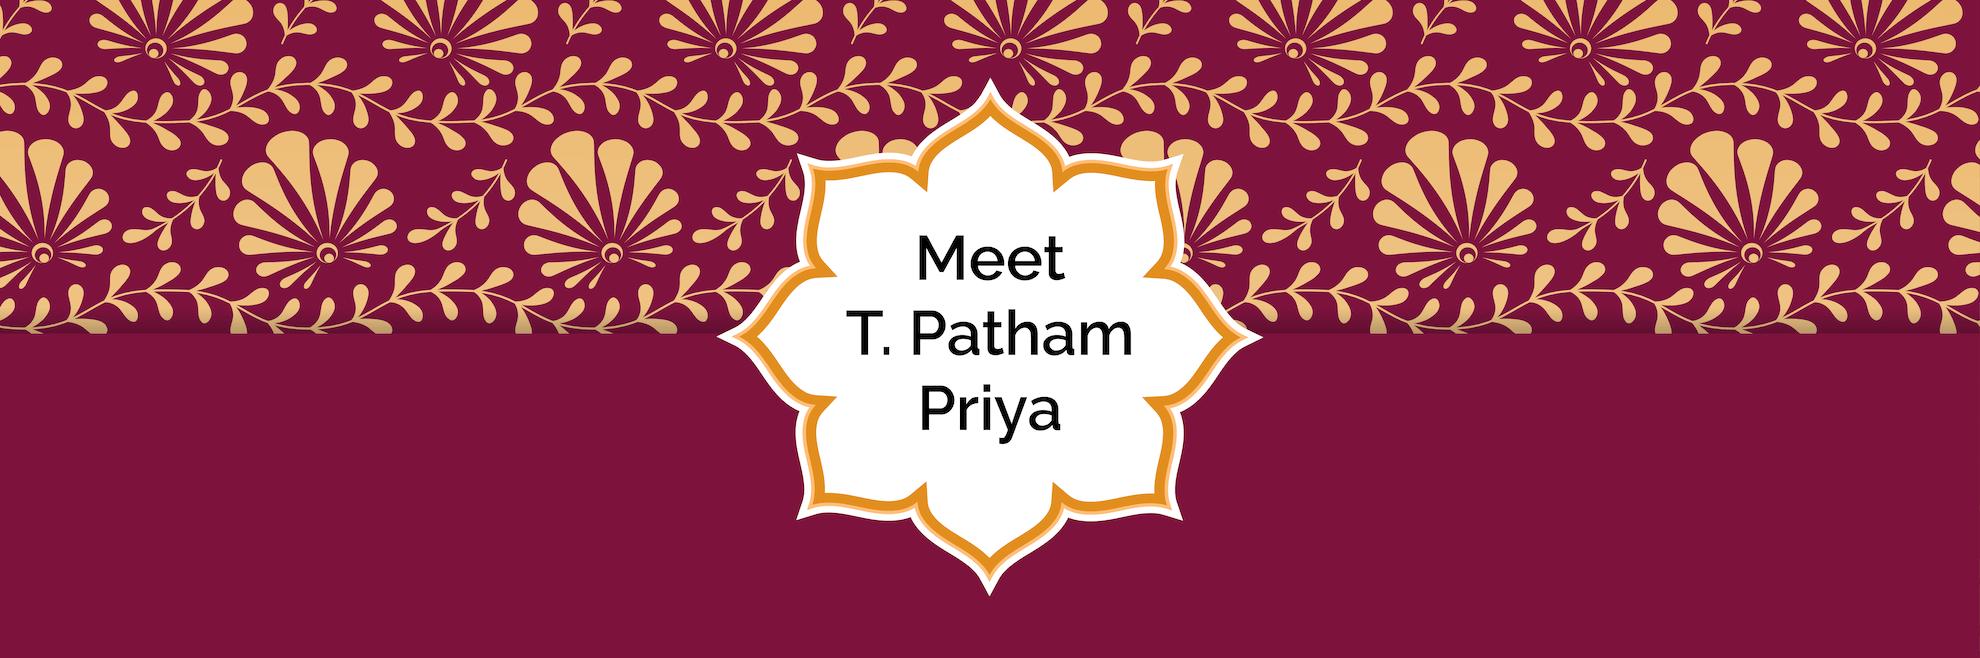 T. Patham Priya